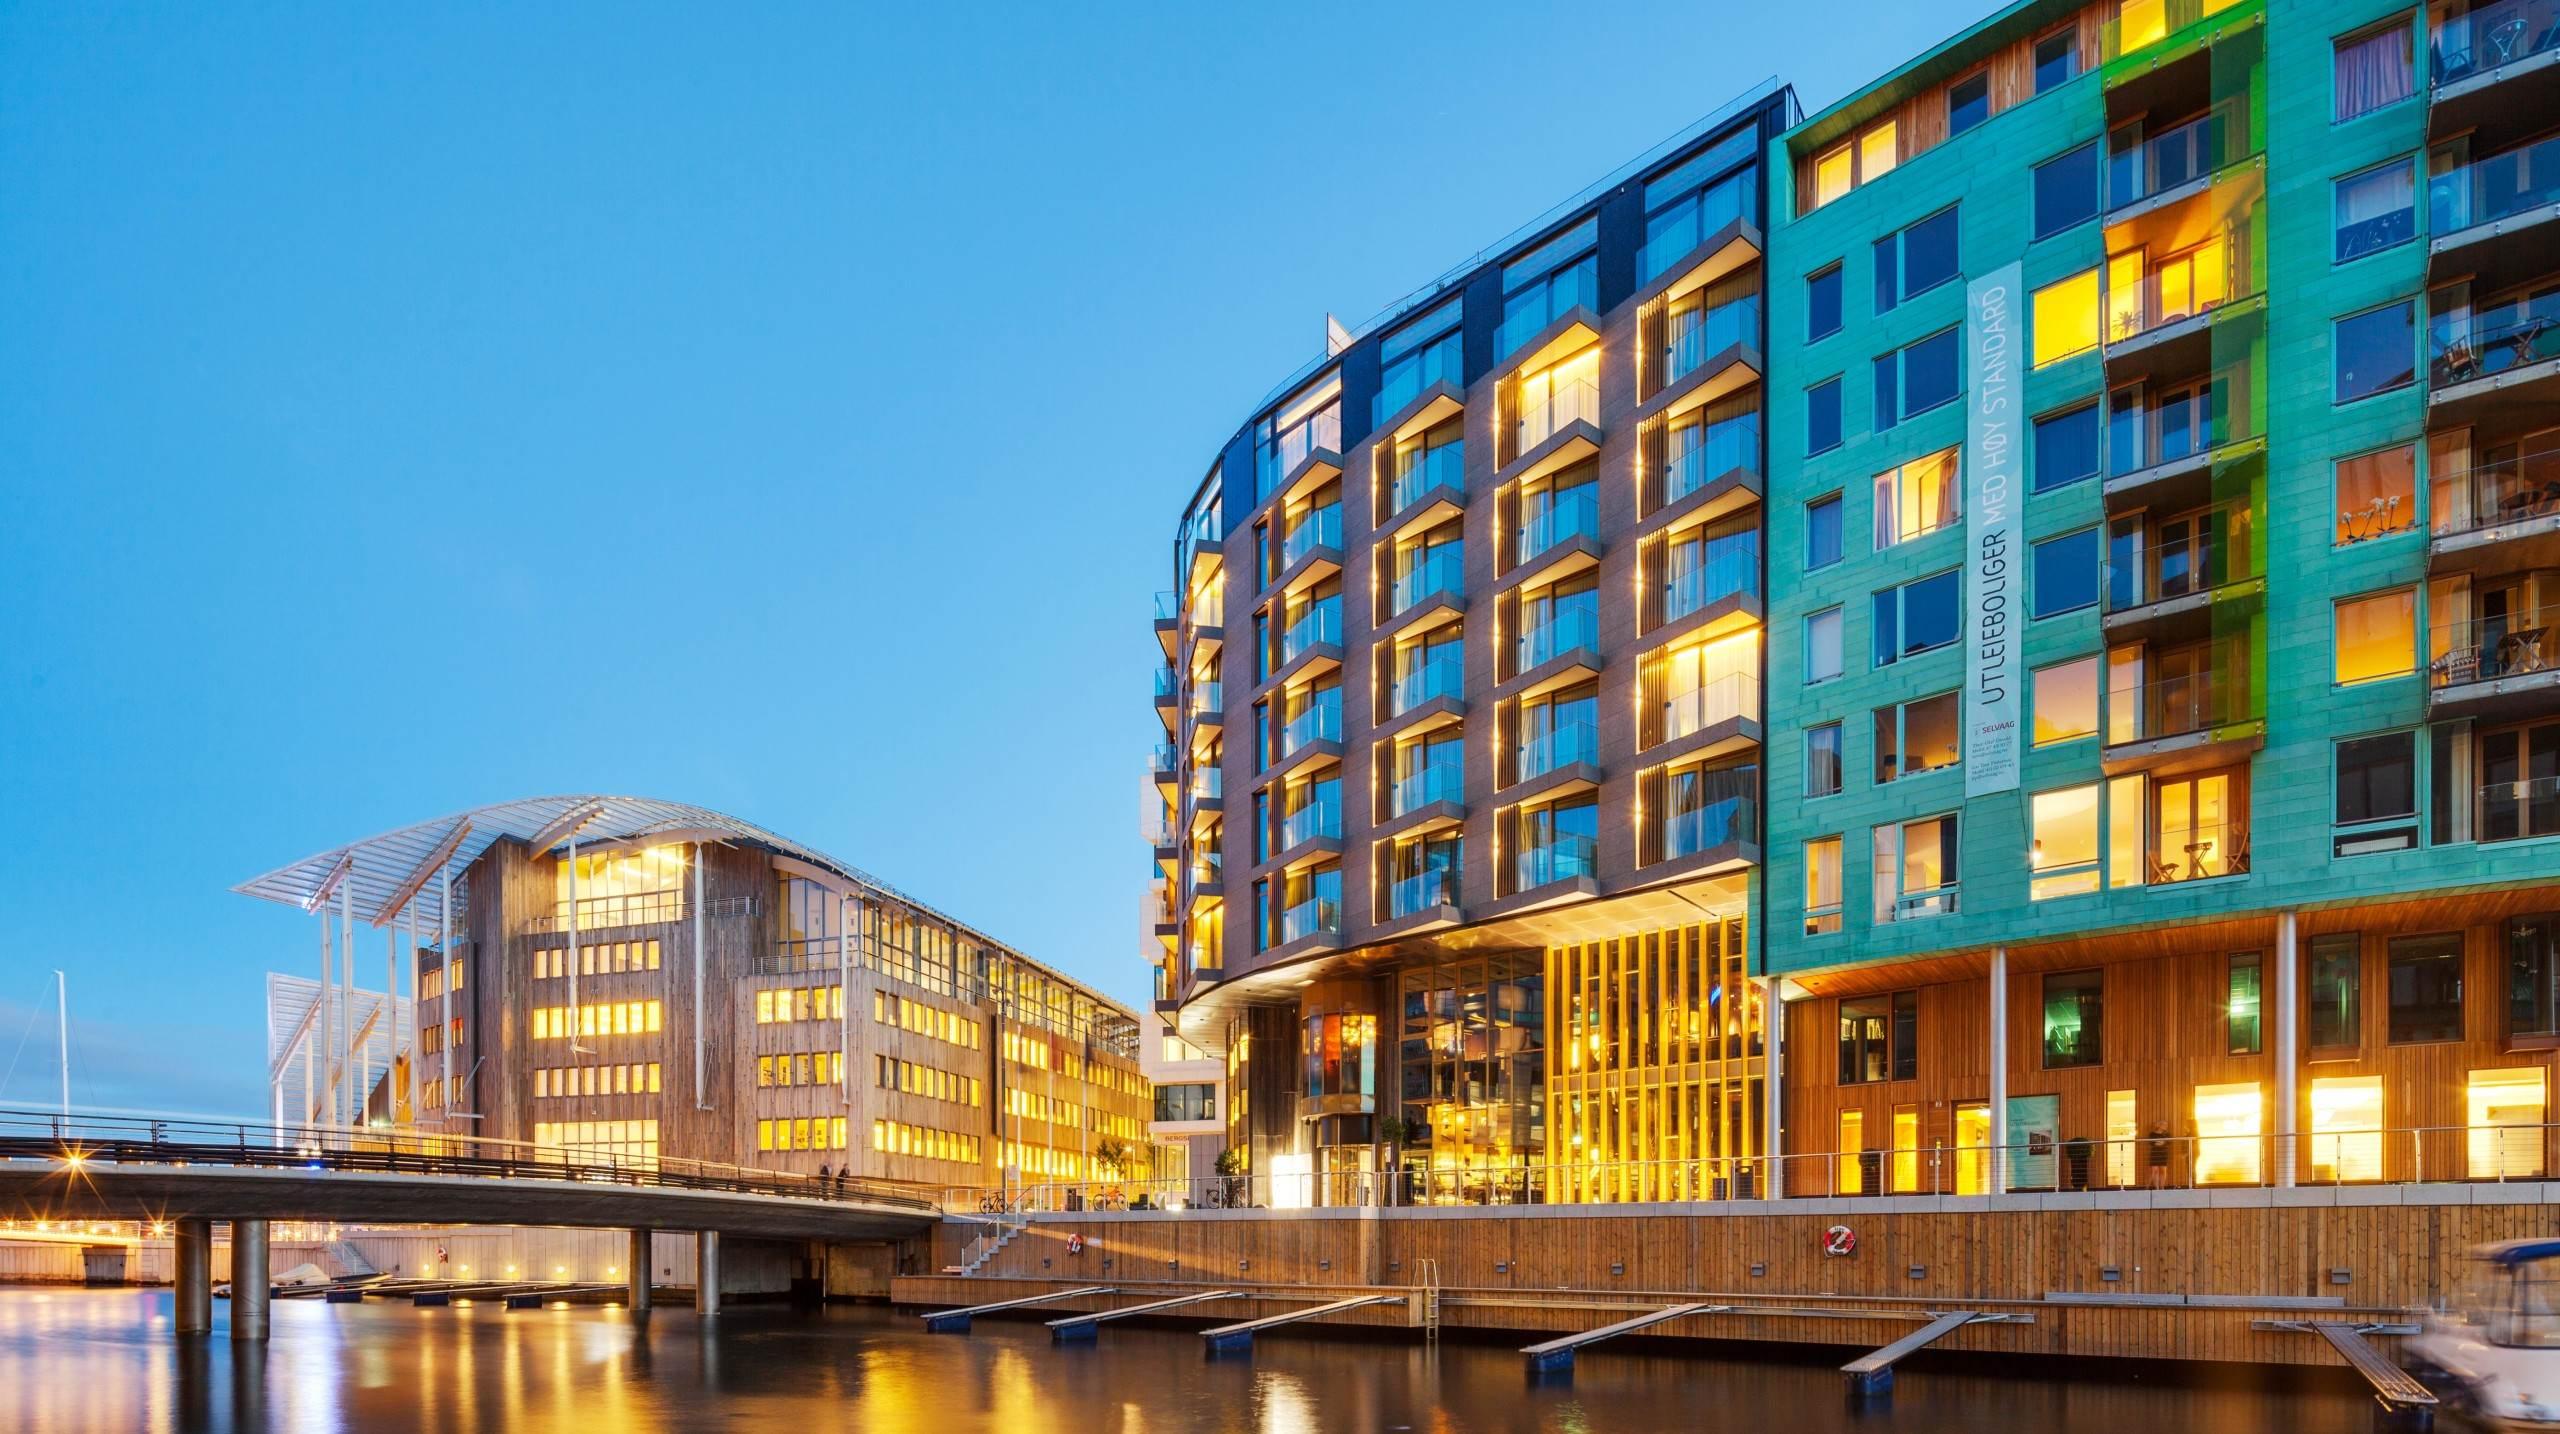 The Thief Hotel in Oslo